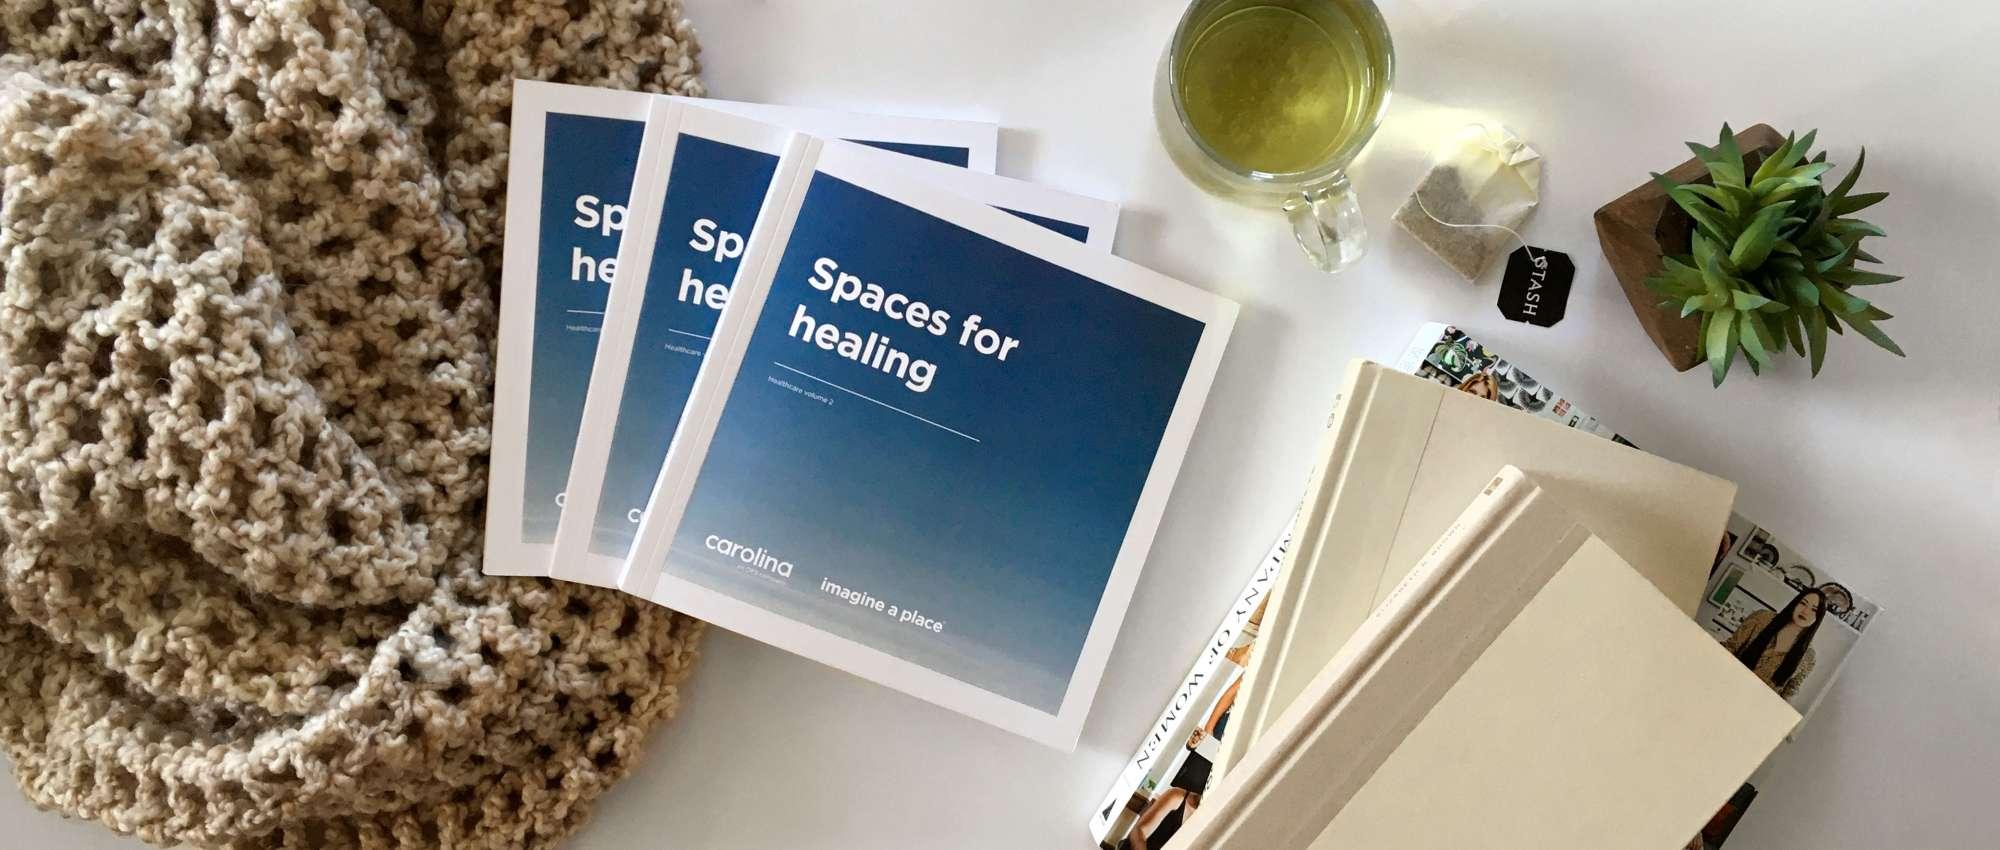 Healing Spaces Lookbook